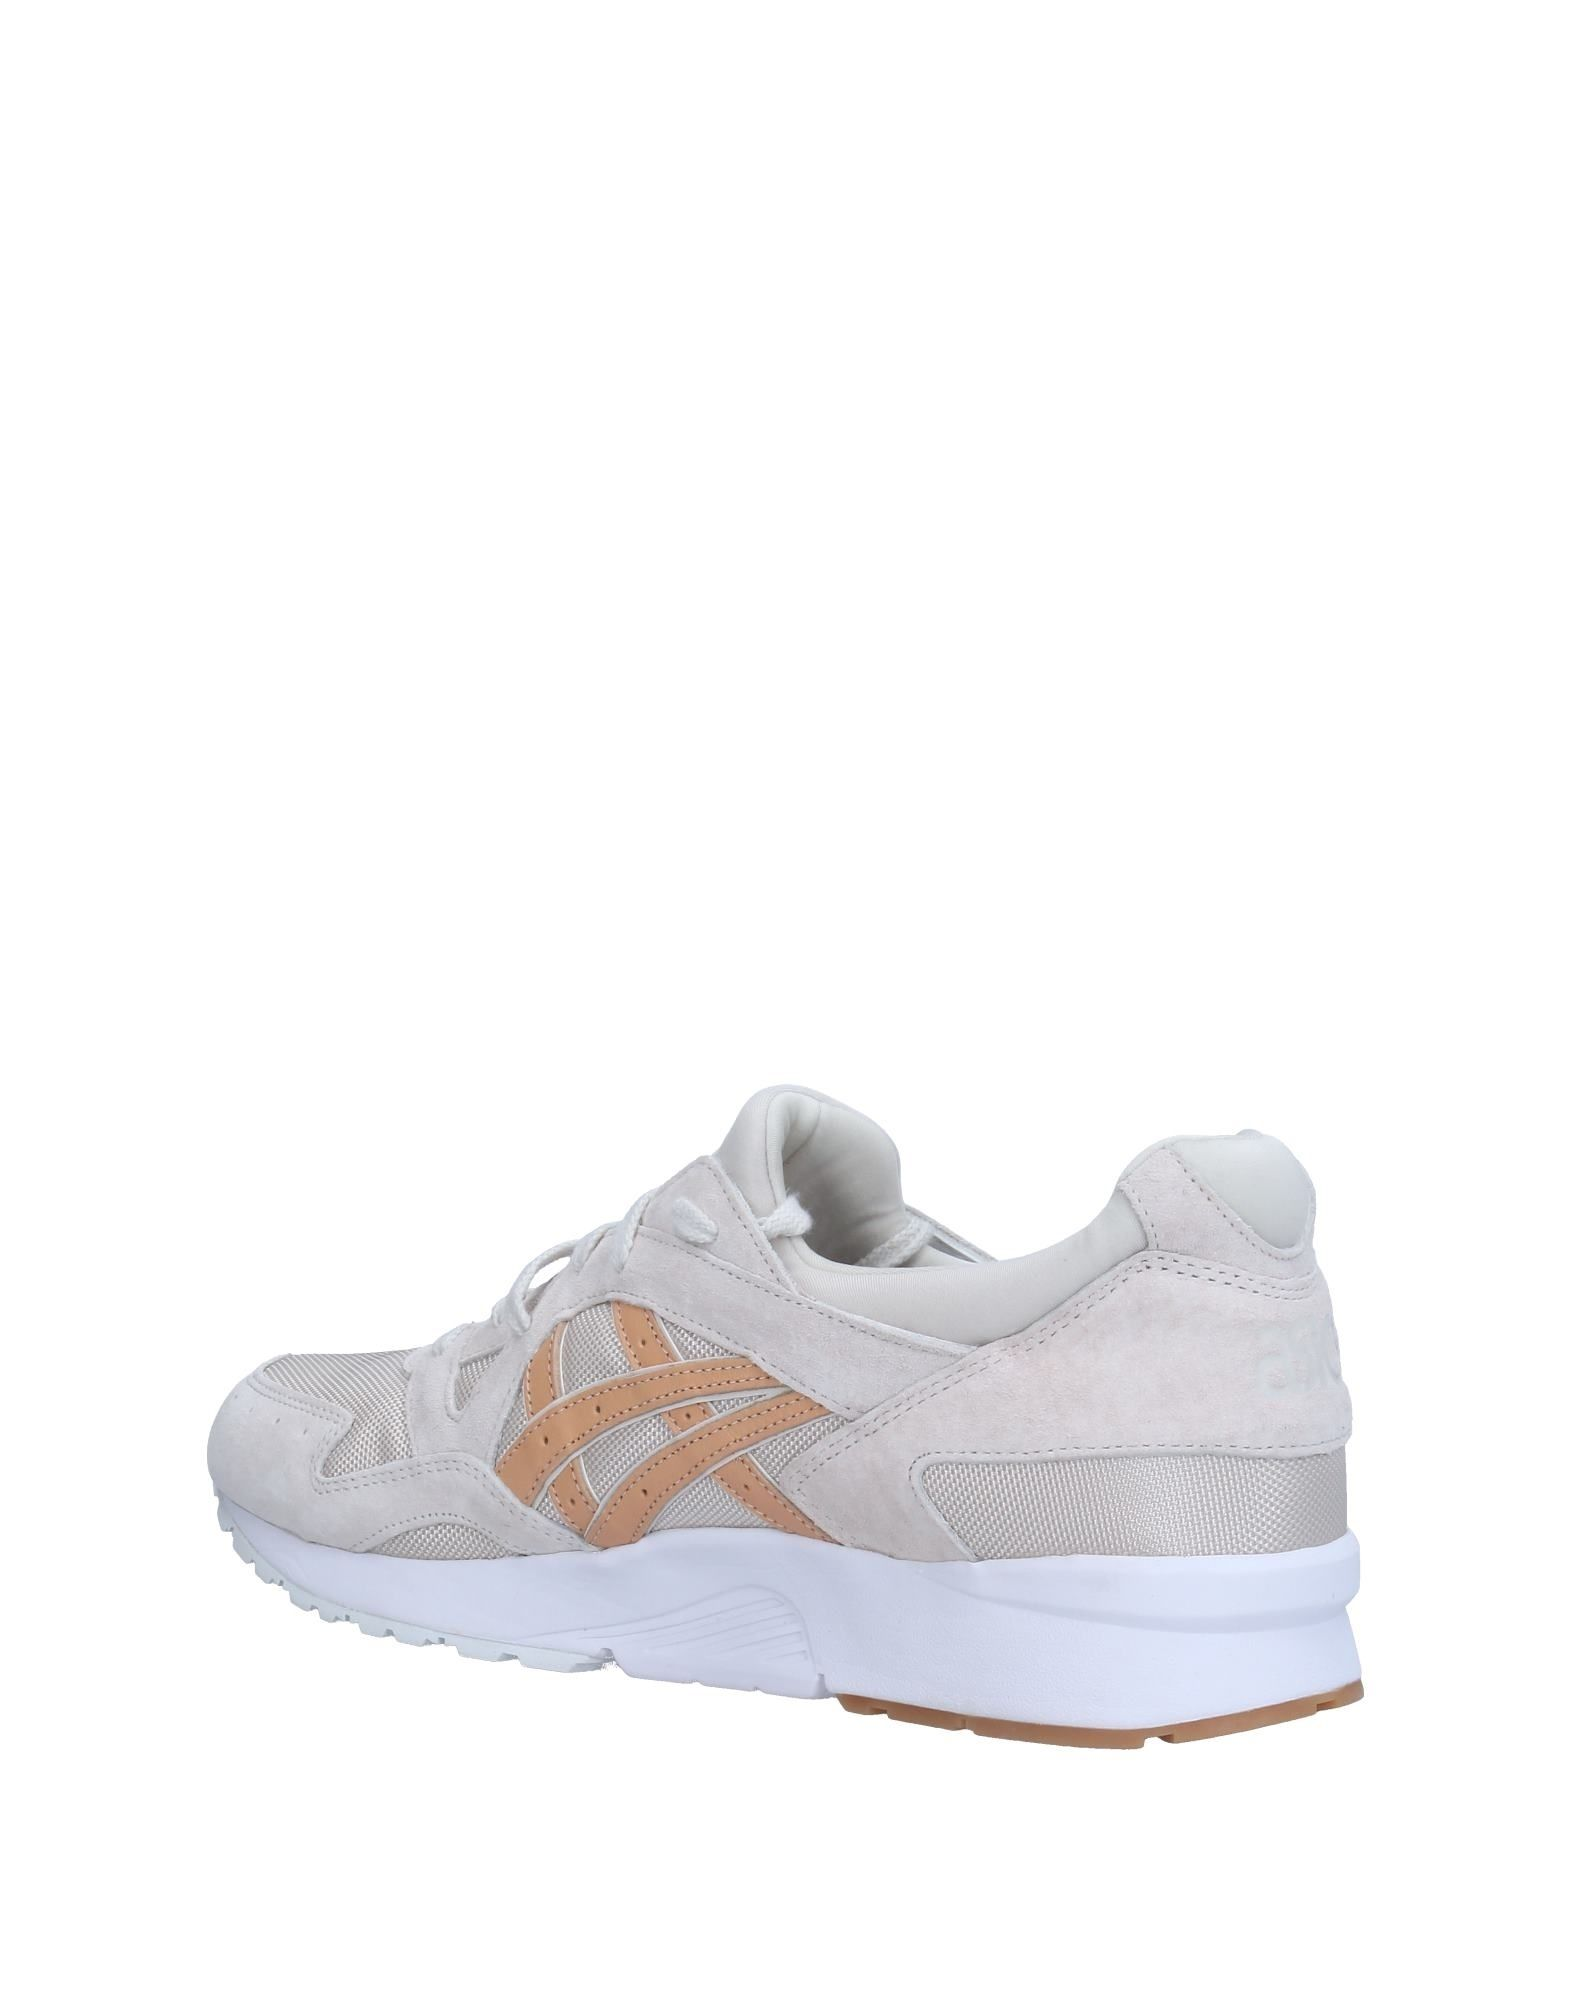 Asics Tiger Sneakers Herren Herren Sneakers  11267630BX Neue Schuhe f4489a